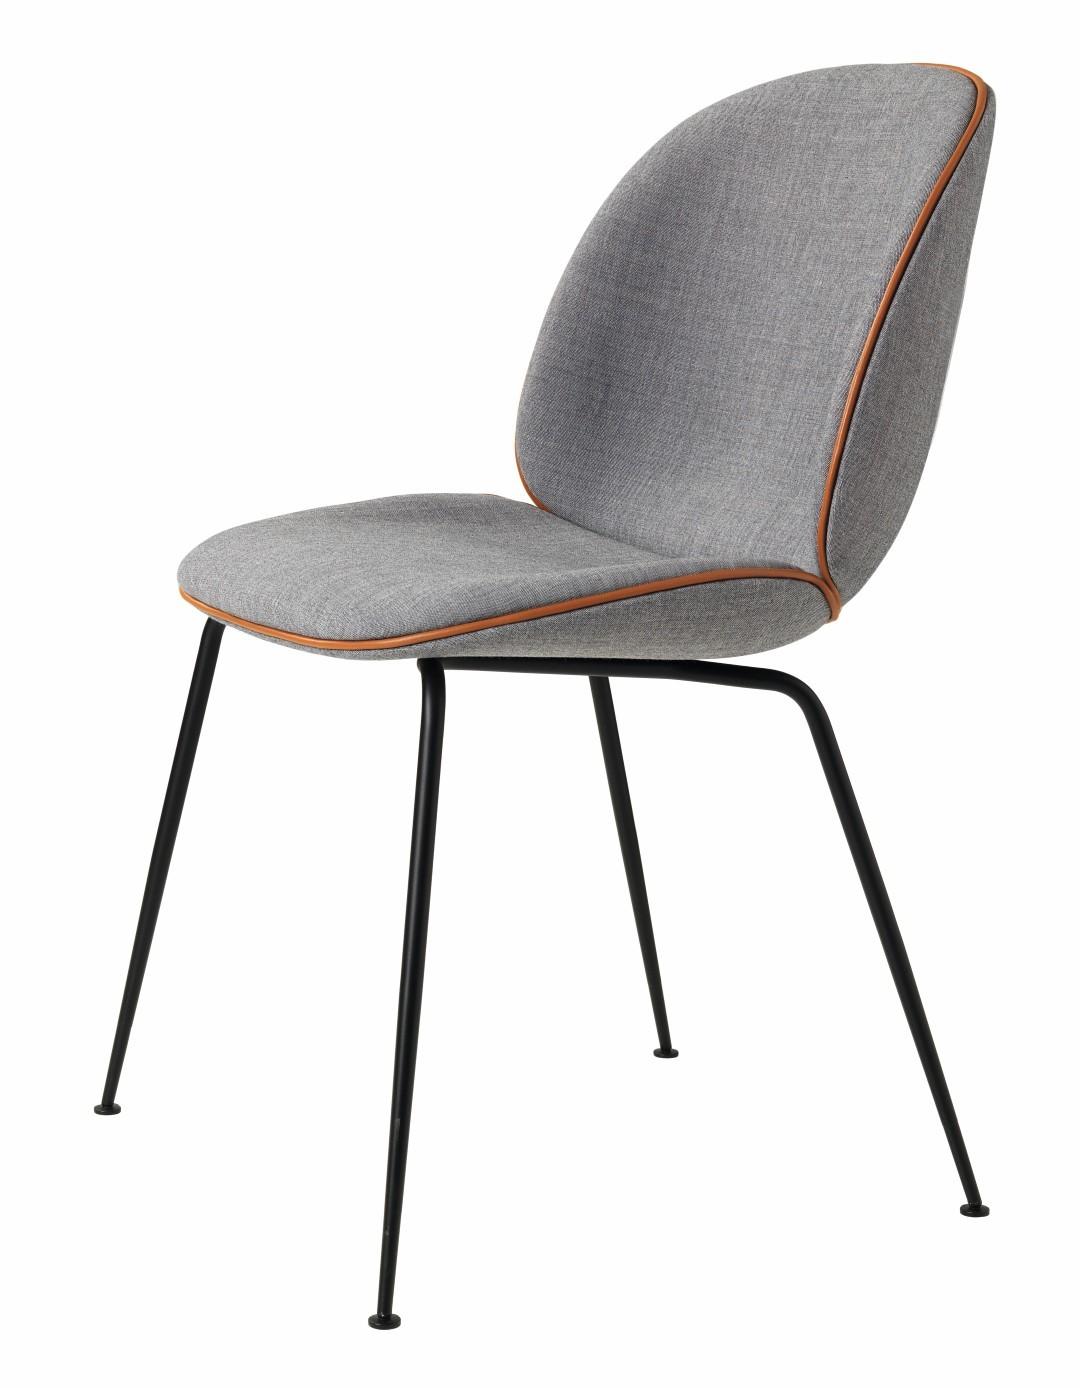 Chaise BEETLE Fully Upholstered Avec Pieds Noir De Gubi 3 Coloris